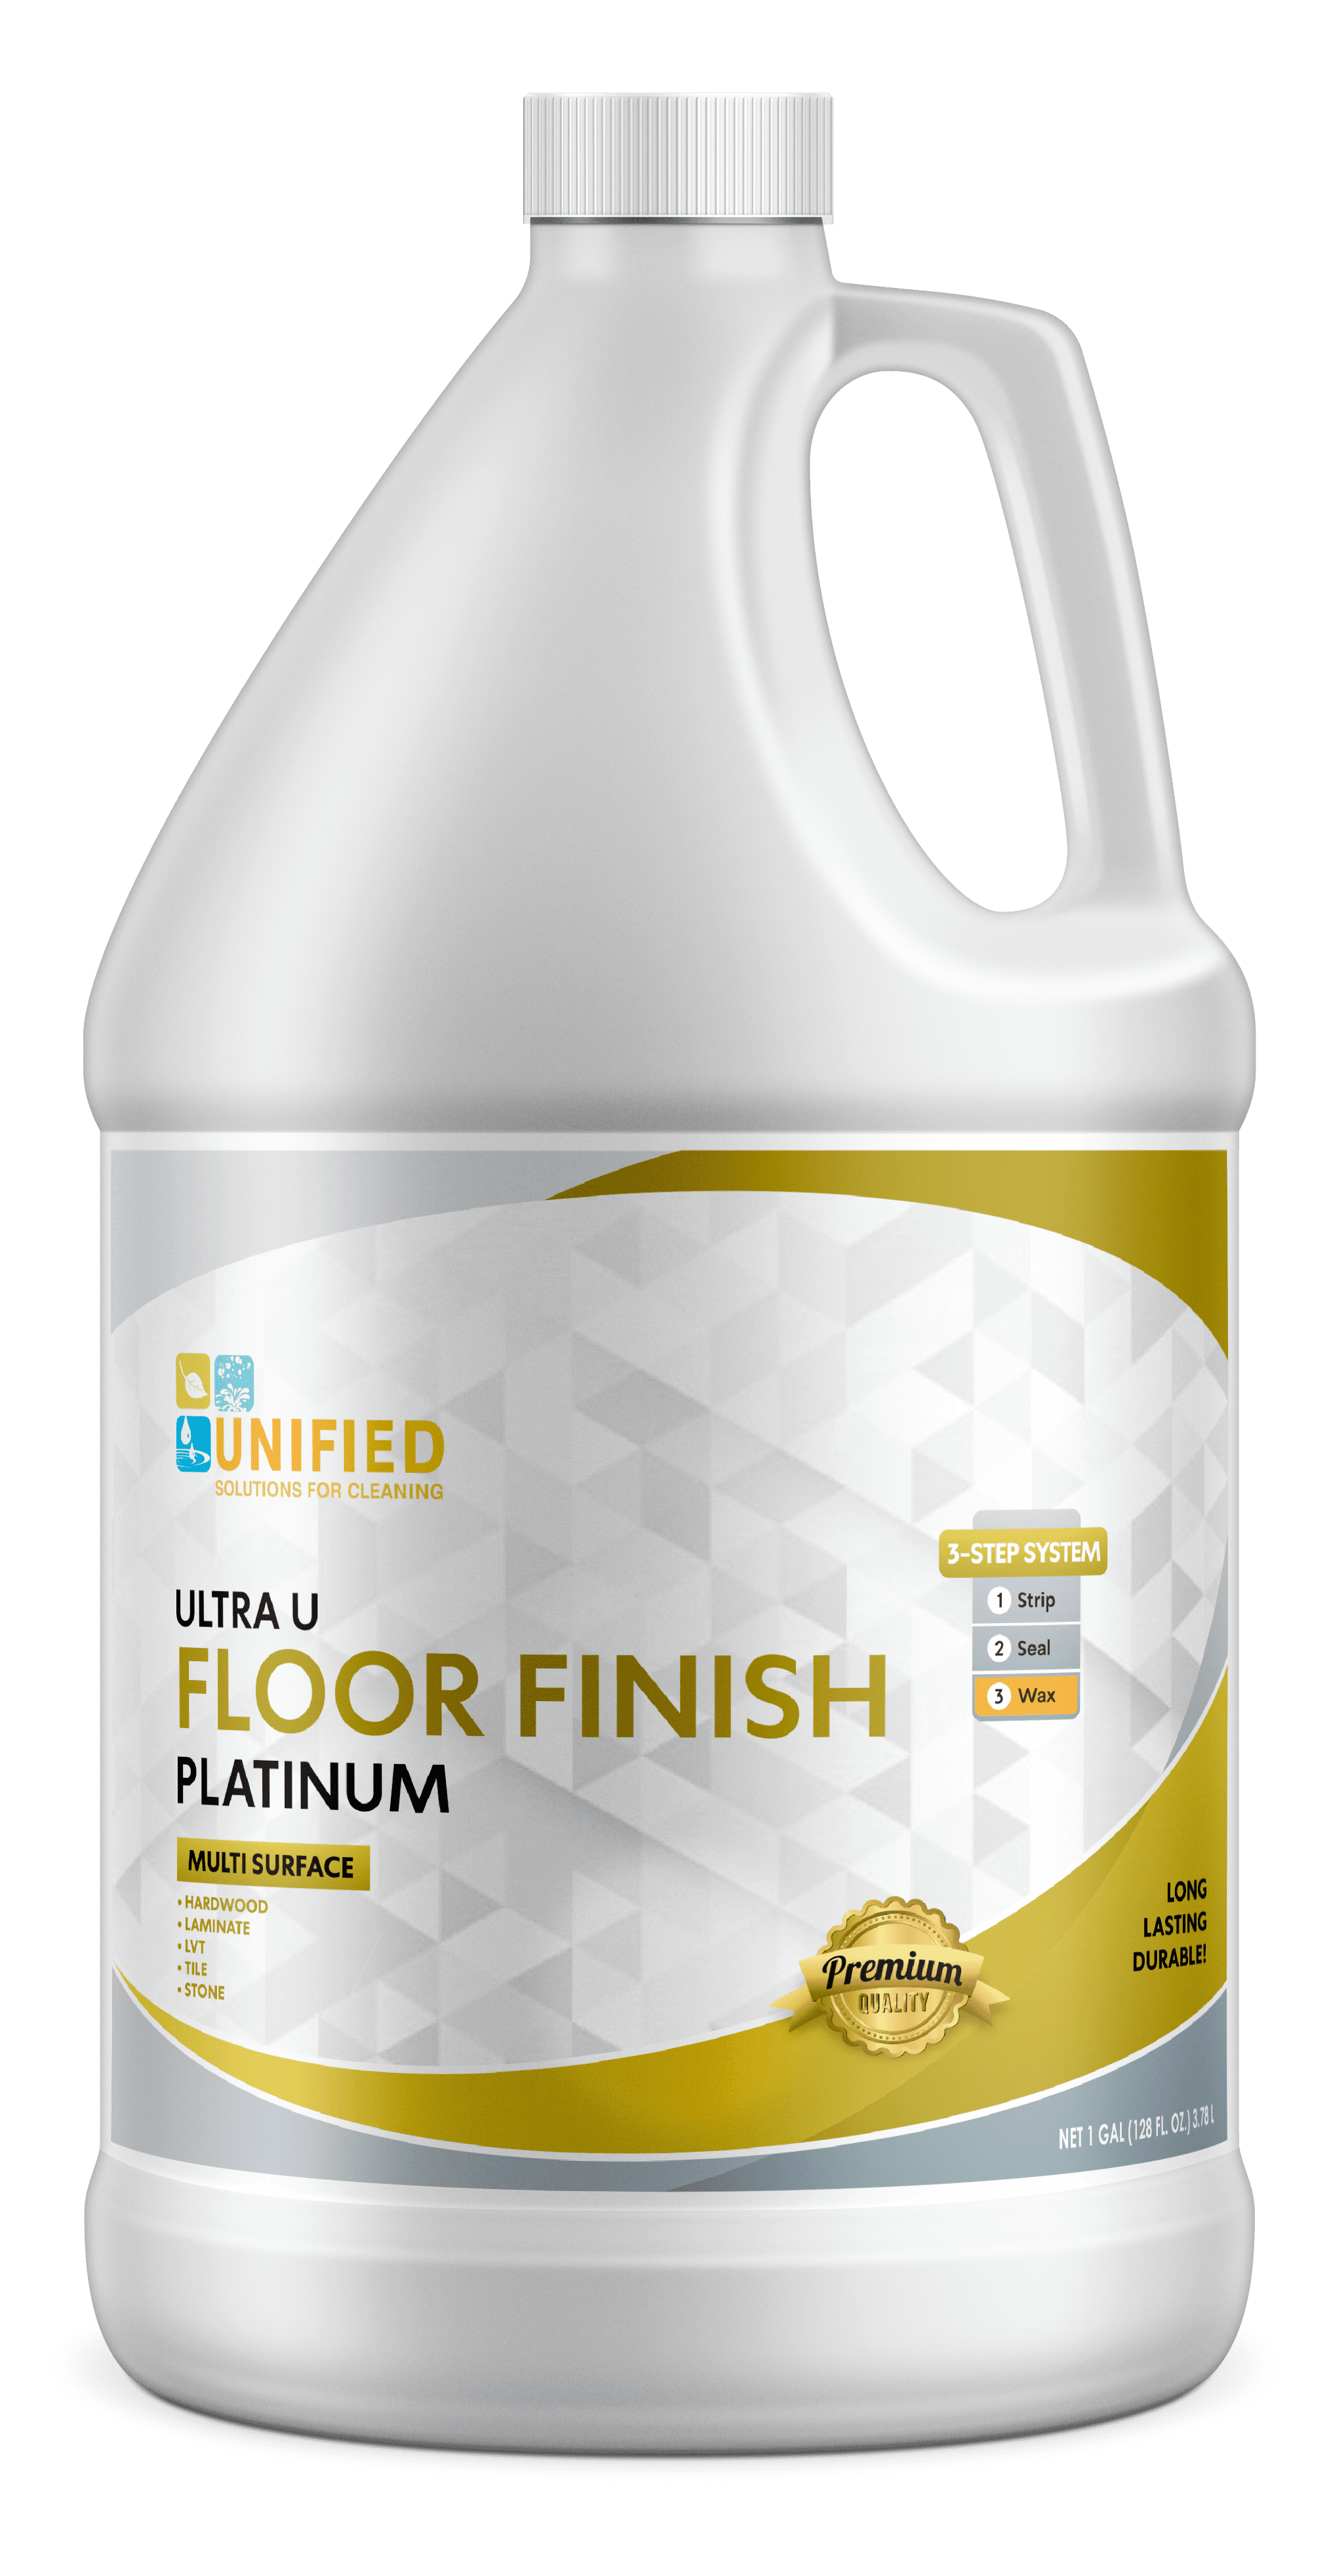 Unified_Platinum_Floor_Finish